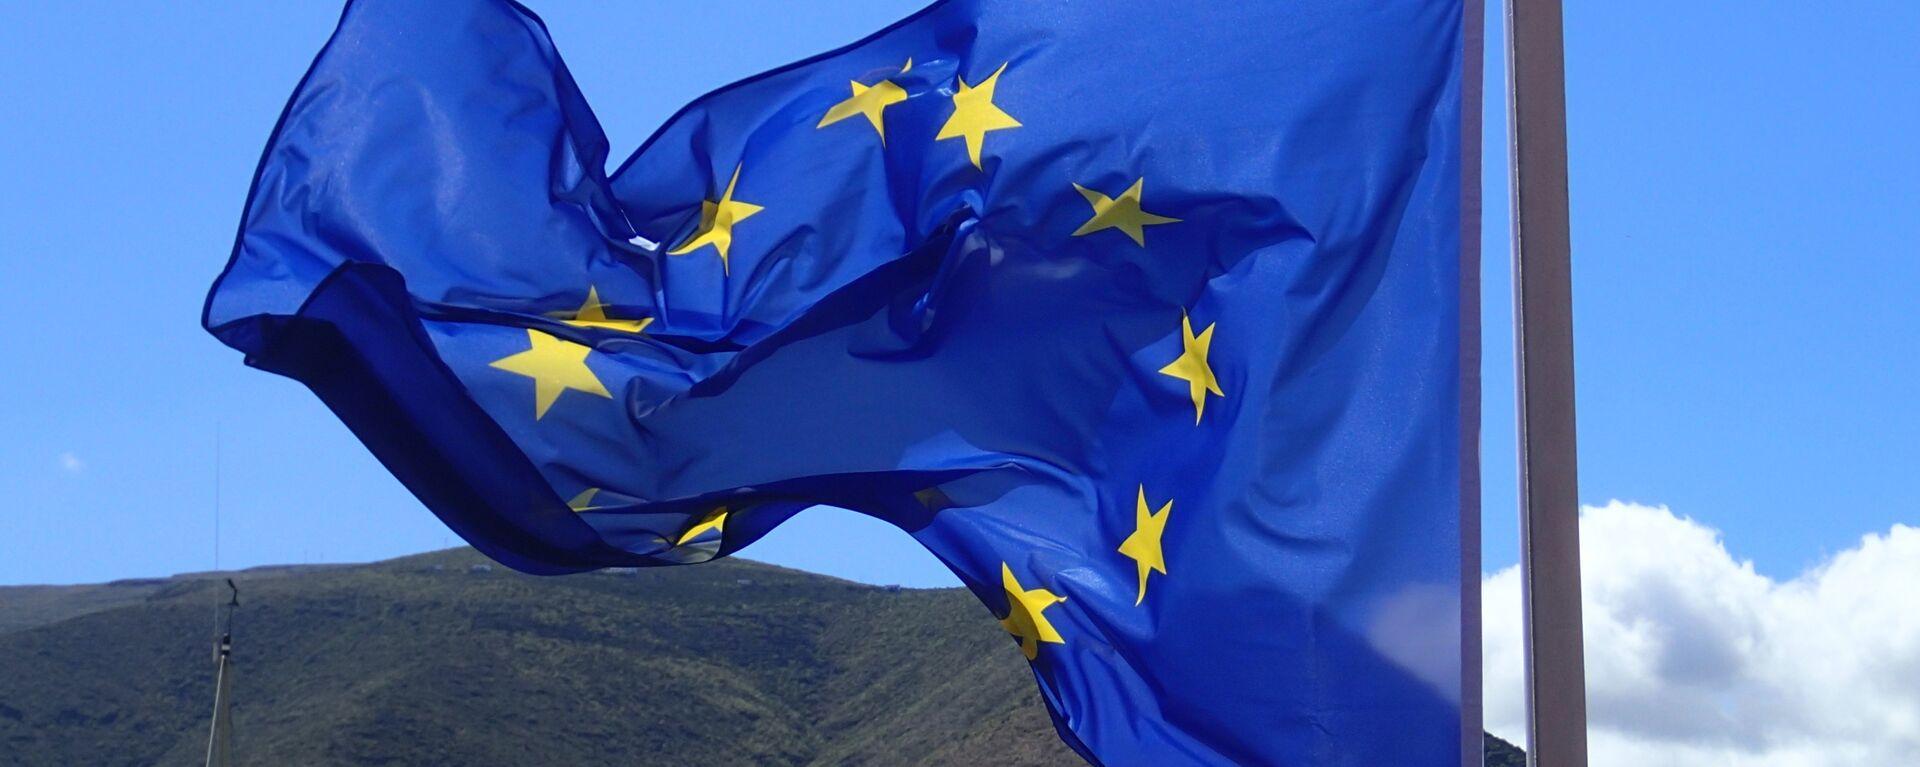 Bandera de la Unión Europea - Sputnik Mundo, 1920, 20.01.2021